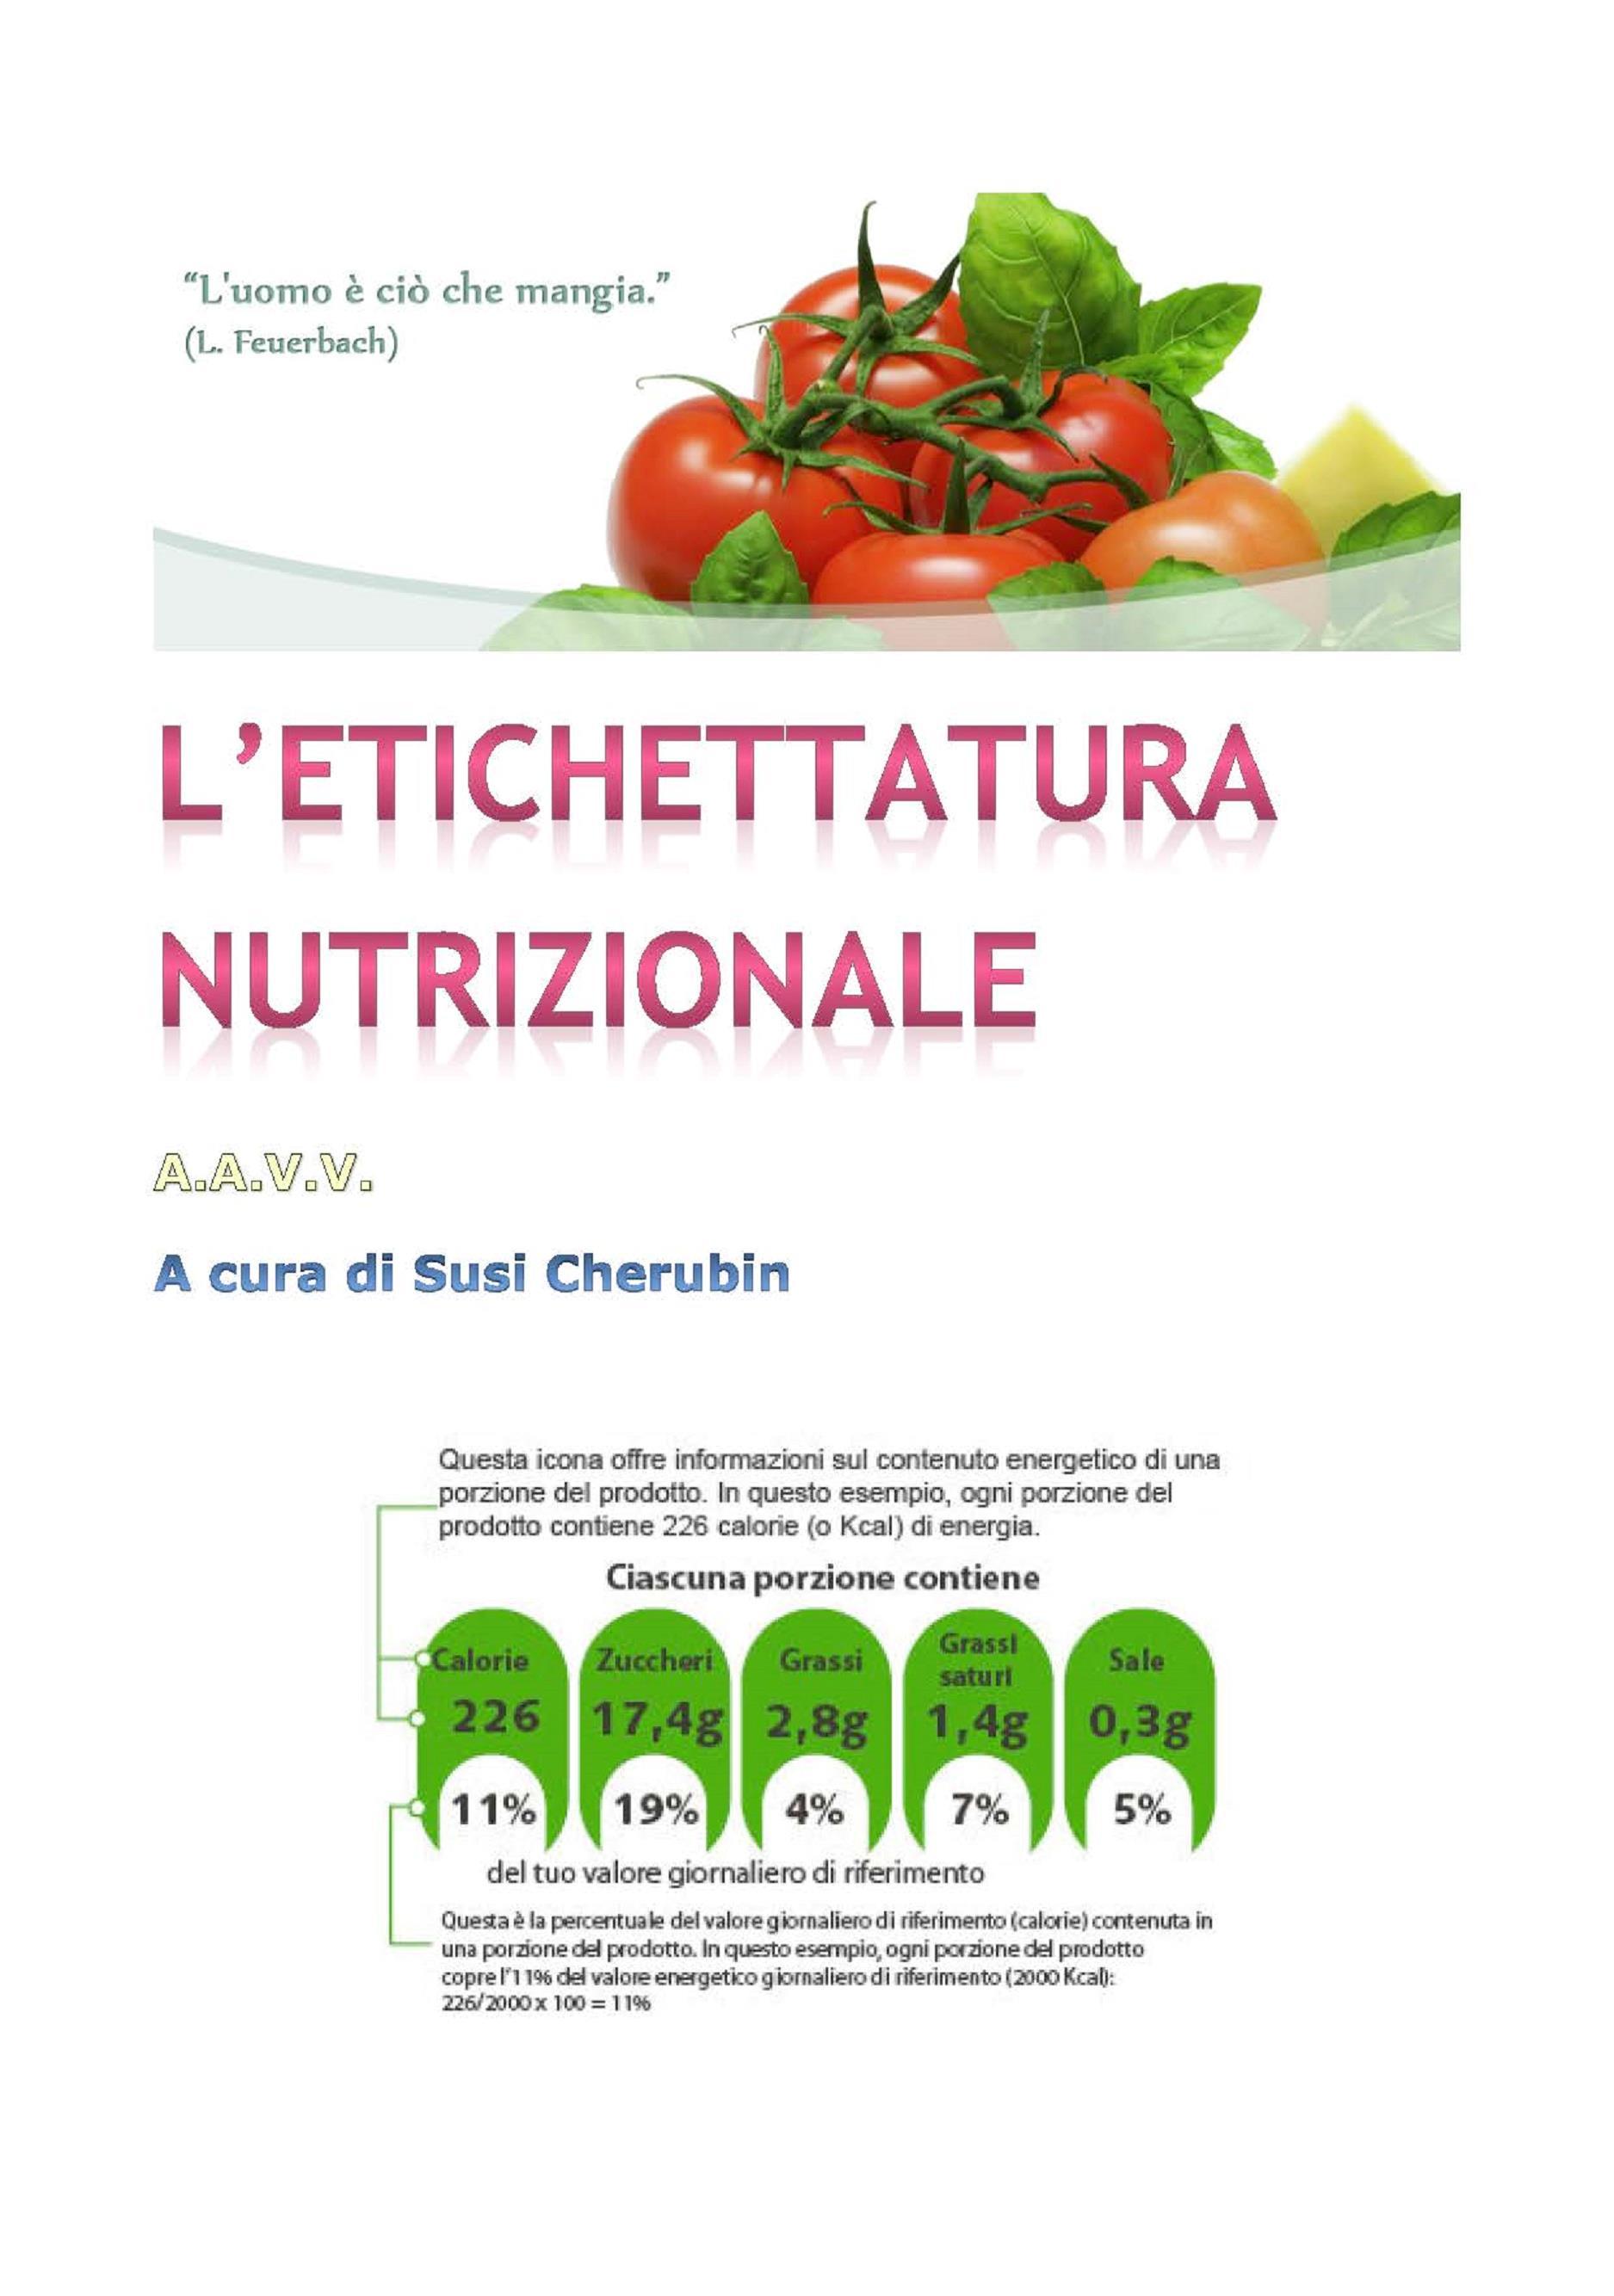 L'etichettatura nutrizionale